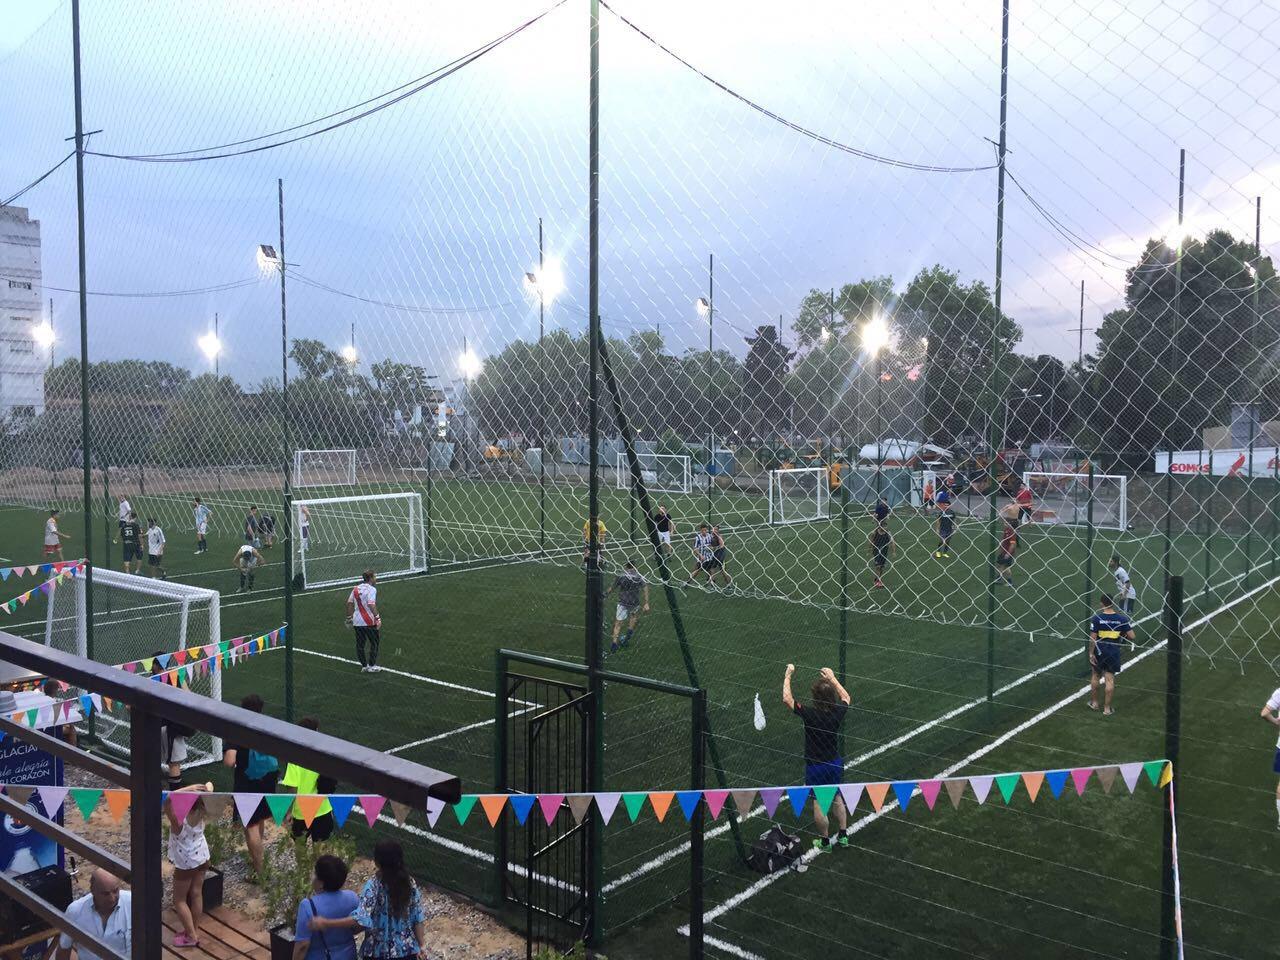 Hablamos con Mauro Chávez, de Madison S.A., una empresa que con 'Sucre Fútbol' ya puso en marcha casi cuarenta complejos deportivos.